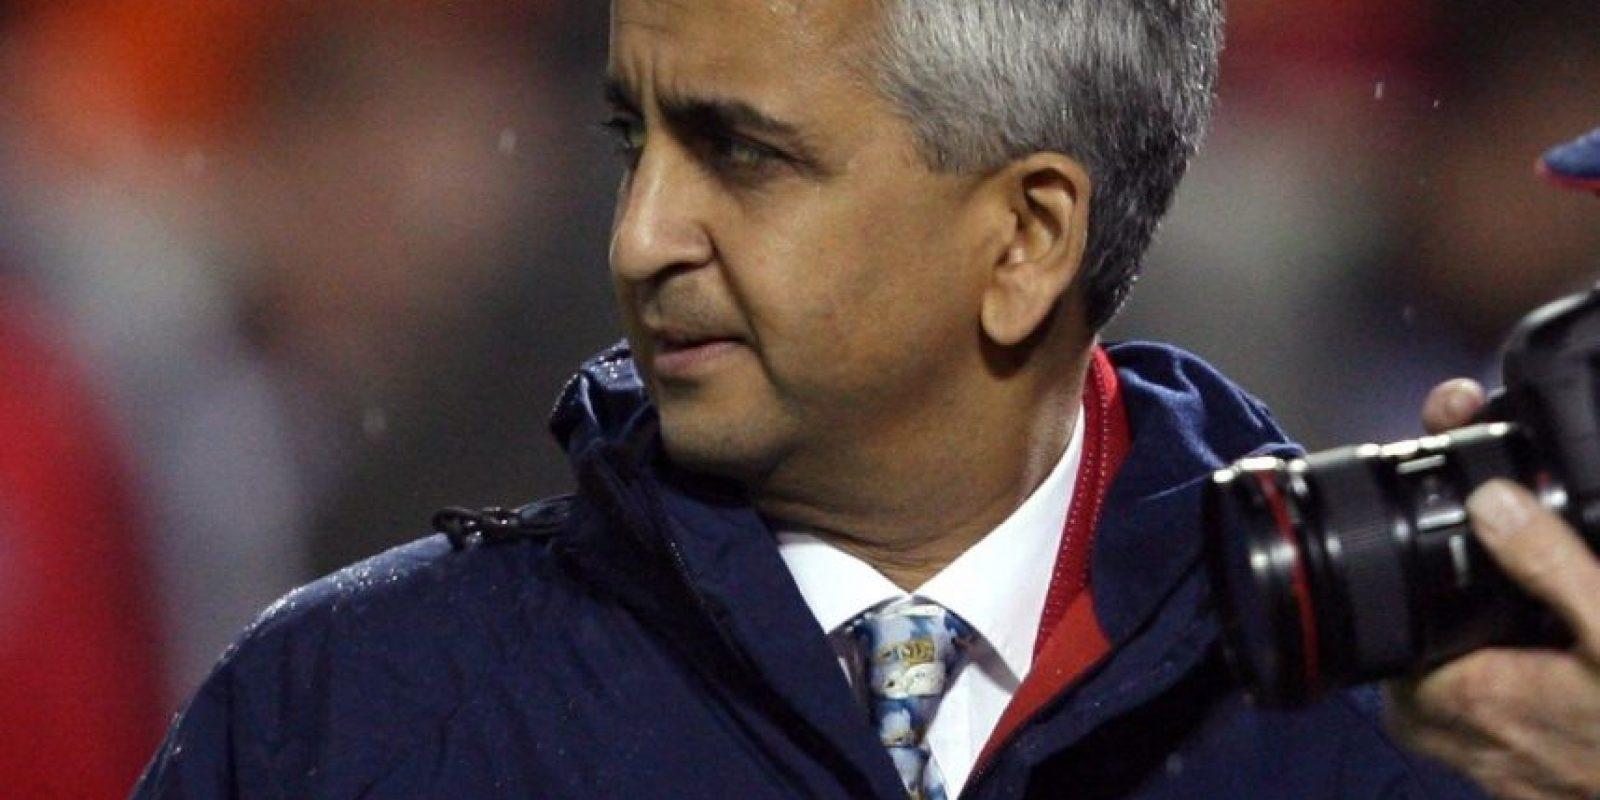 """Sunil Gulati, presidente de US Soccer: """"Aunque el resultado de la elección nos decepciona, vamos a seguir trabajando para lograr un cambio significativo en la FIFA #FIFAReform"""". Foto:Vía twitter.com/sunilgulati"""